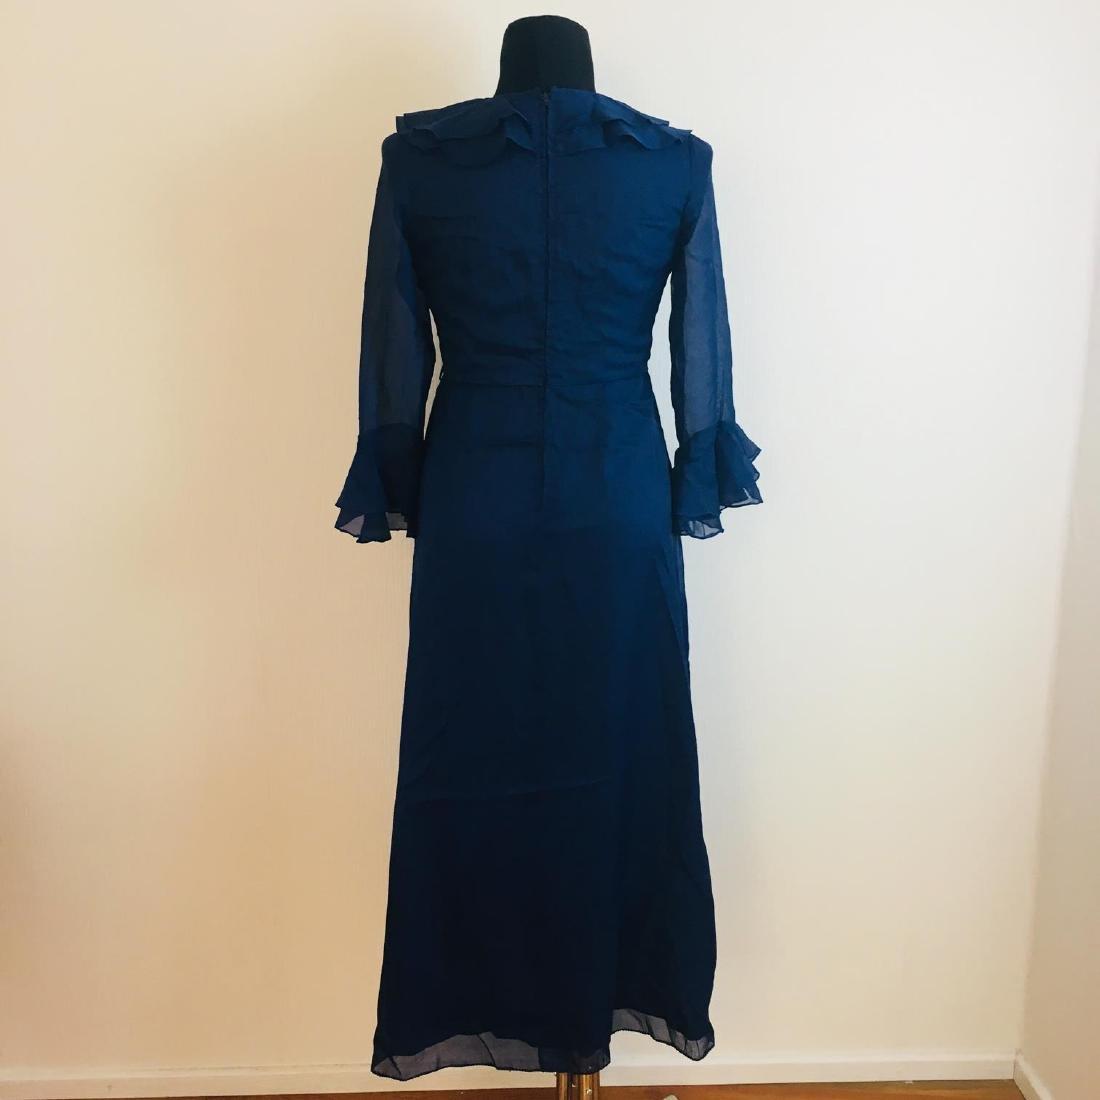 Vintage Women's Evening Dress Size EUR 14 US 44 - 4